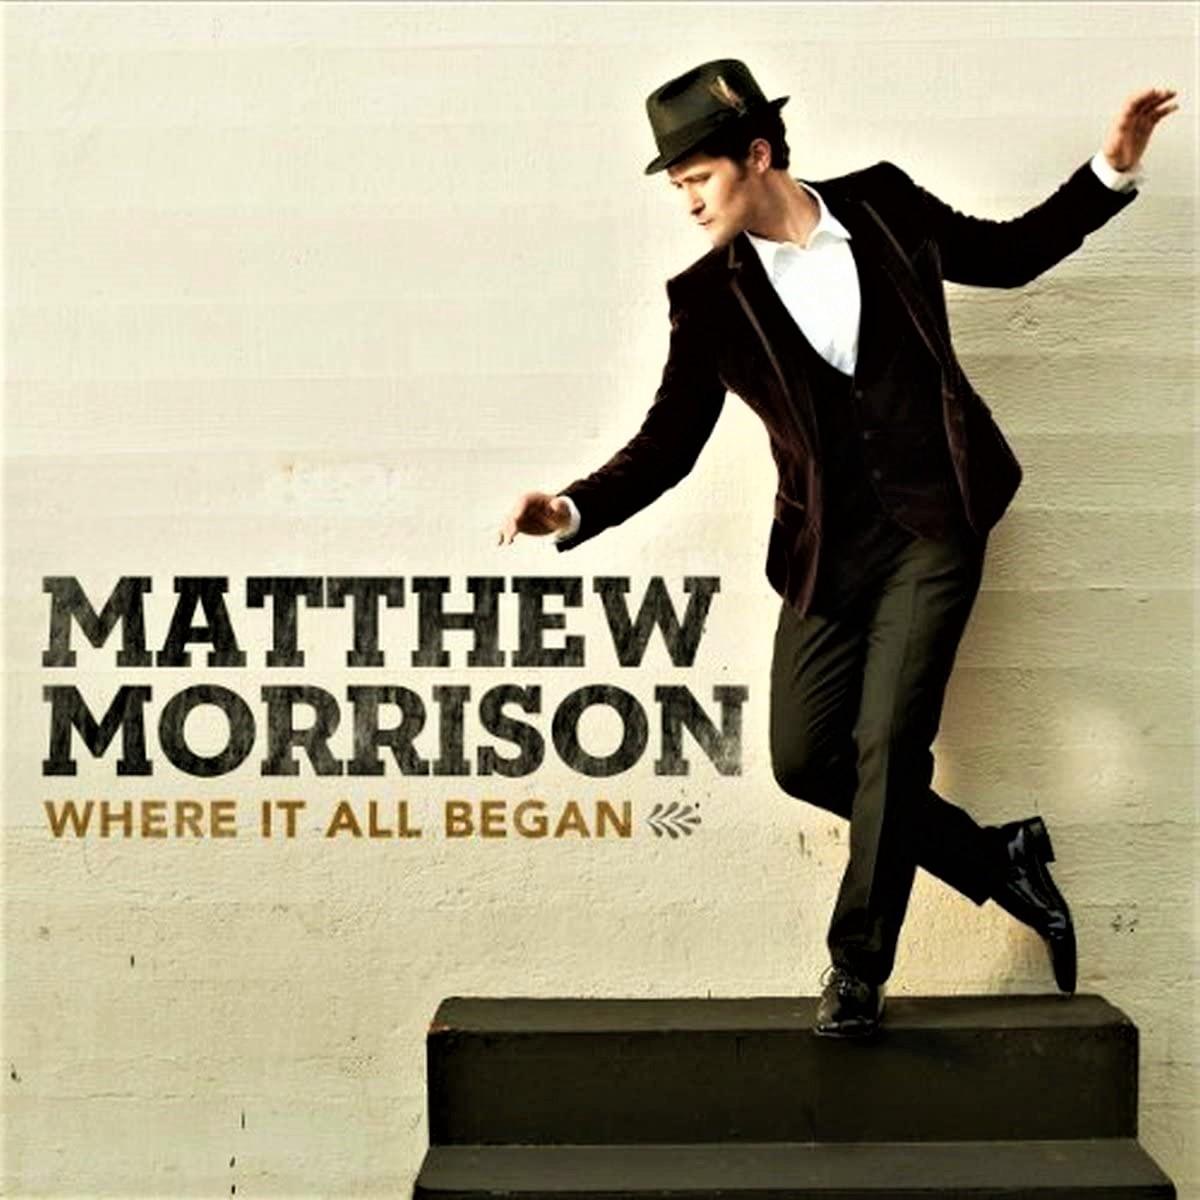 マシュー・モリソン「Matthew Morrison / Where It All Began」(2013年)